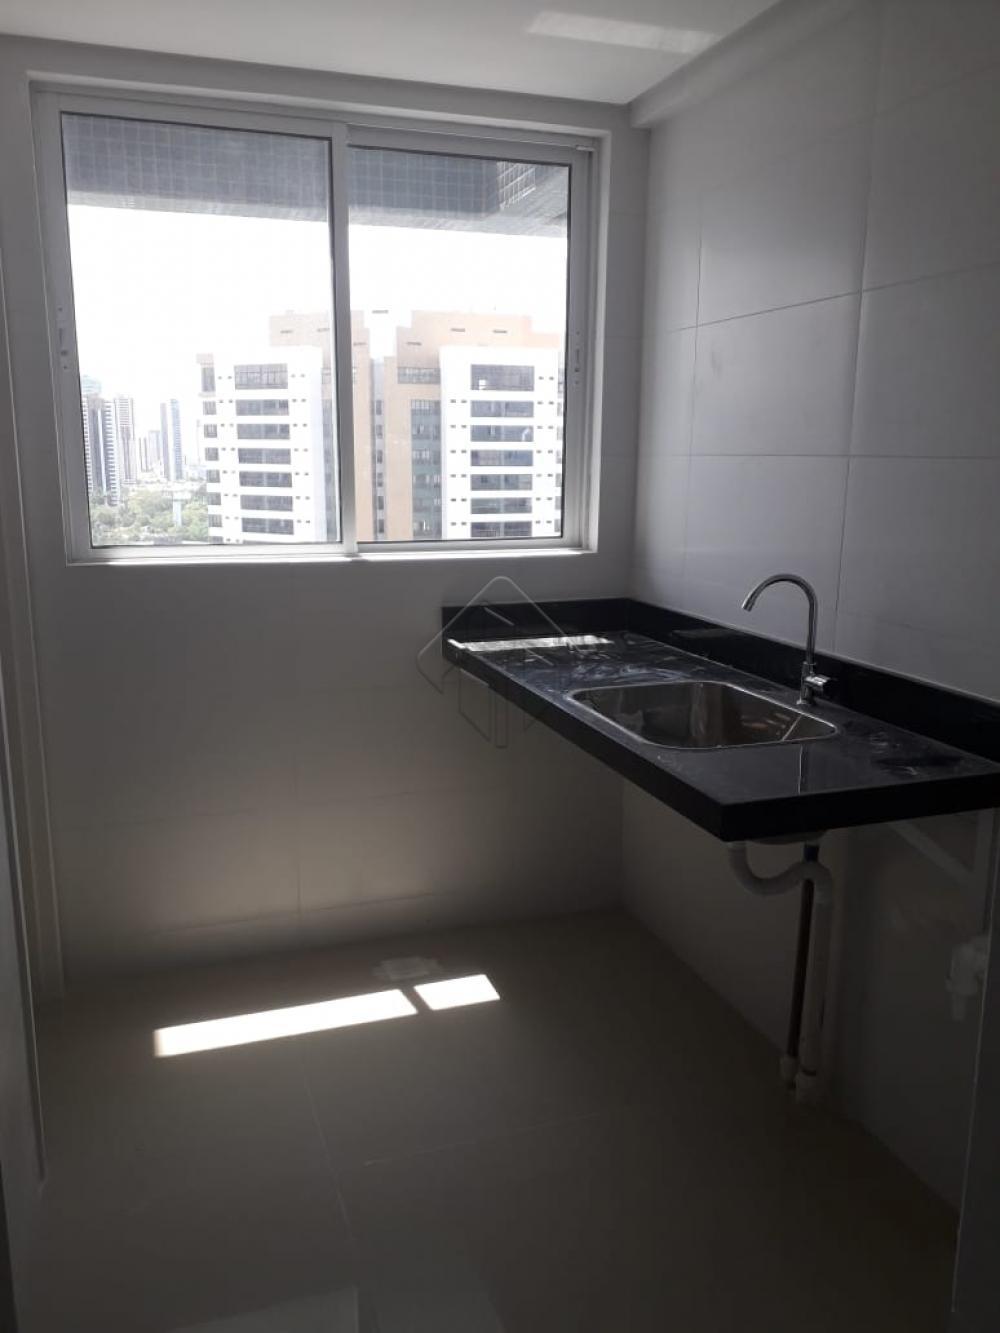 Comprar Apartamento / Padrão em João Pessoa apenas R$ 1.300.000,00 - Foto 4